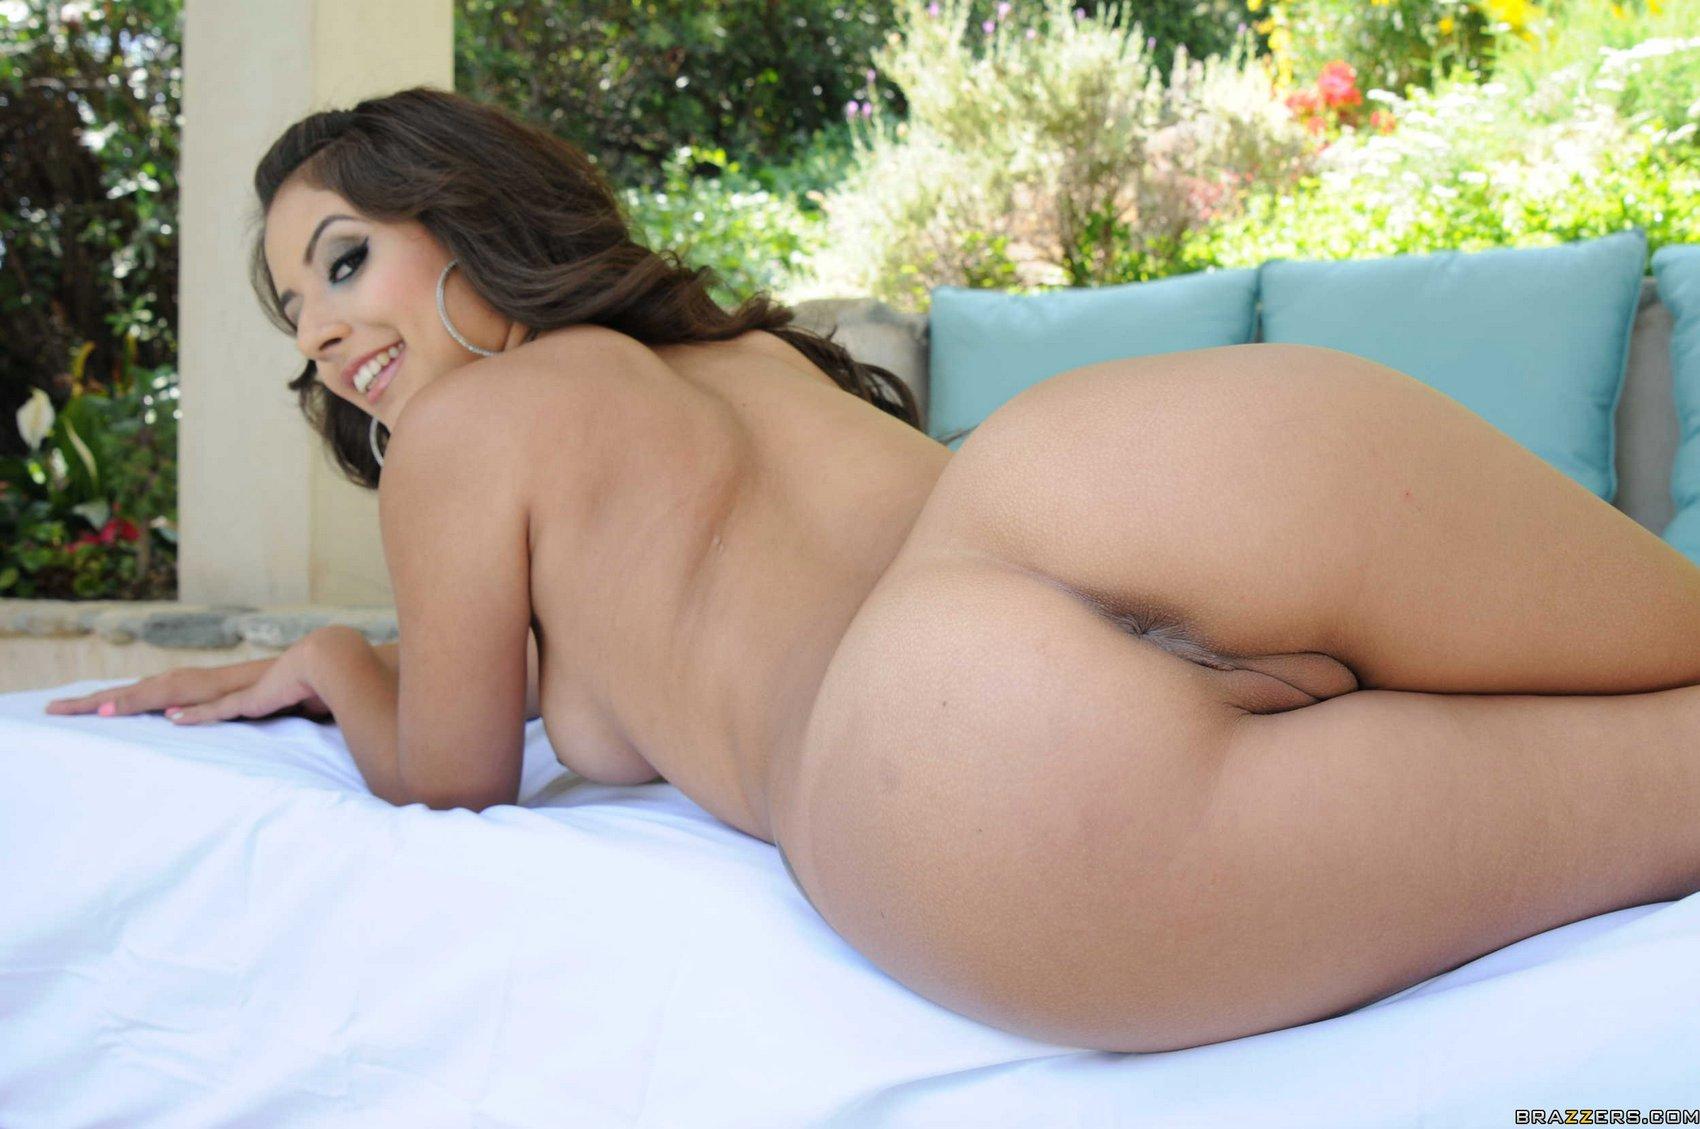 Фото латиноамериканки порно женщины 23 фотография